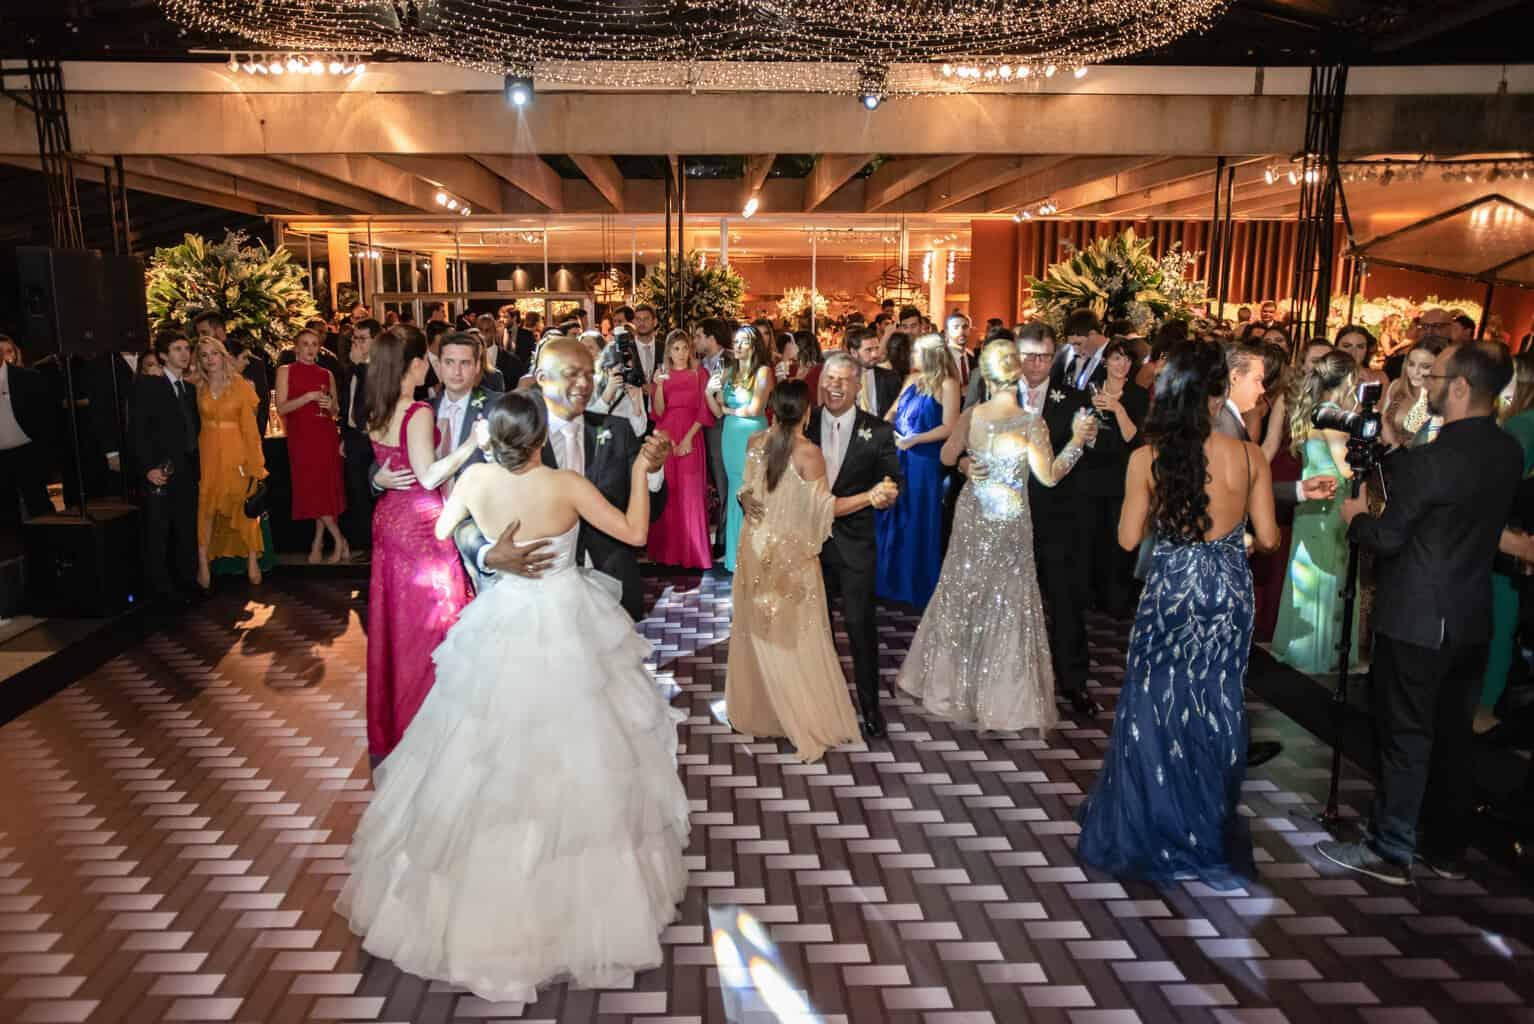 casamento-Karynna-e-Fernando-cerimonial-TCD-Eventos-festa-no-MAM-fotografia-Marina-Fava-pista127